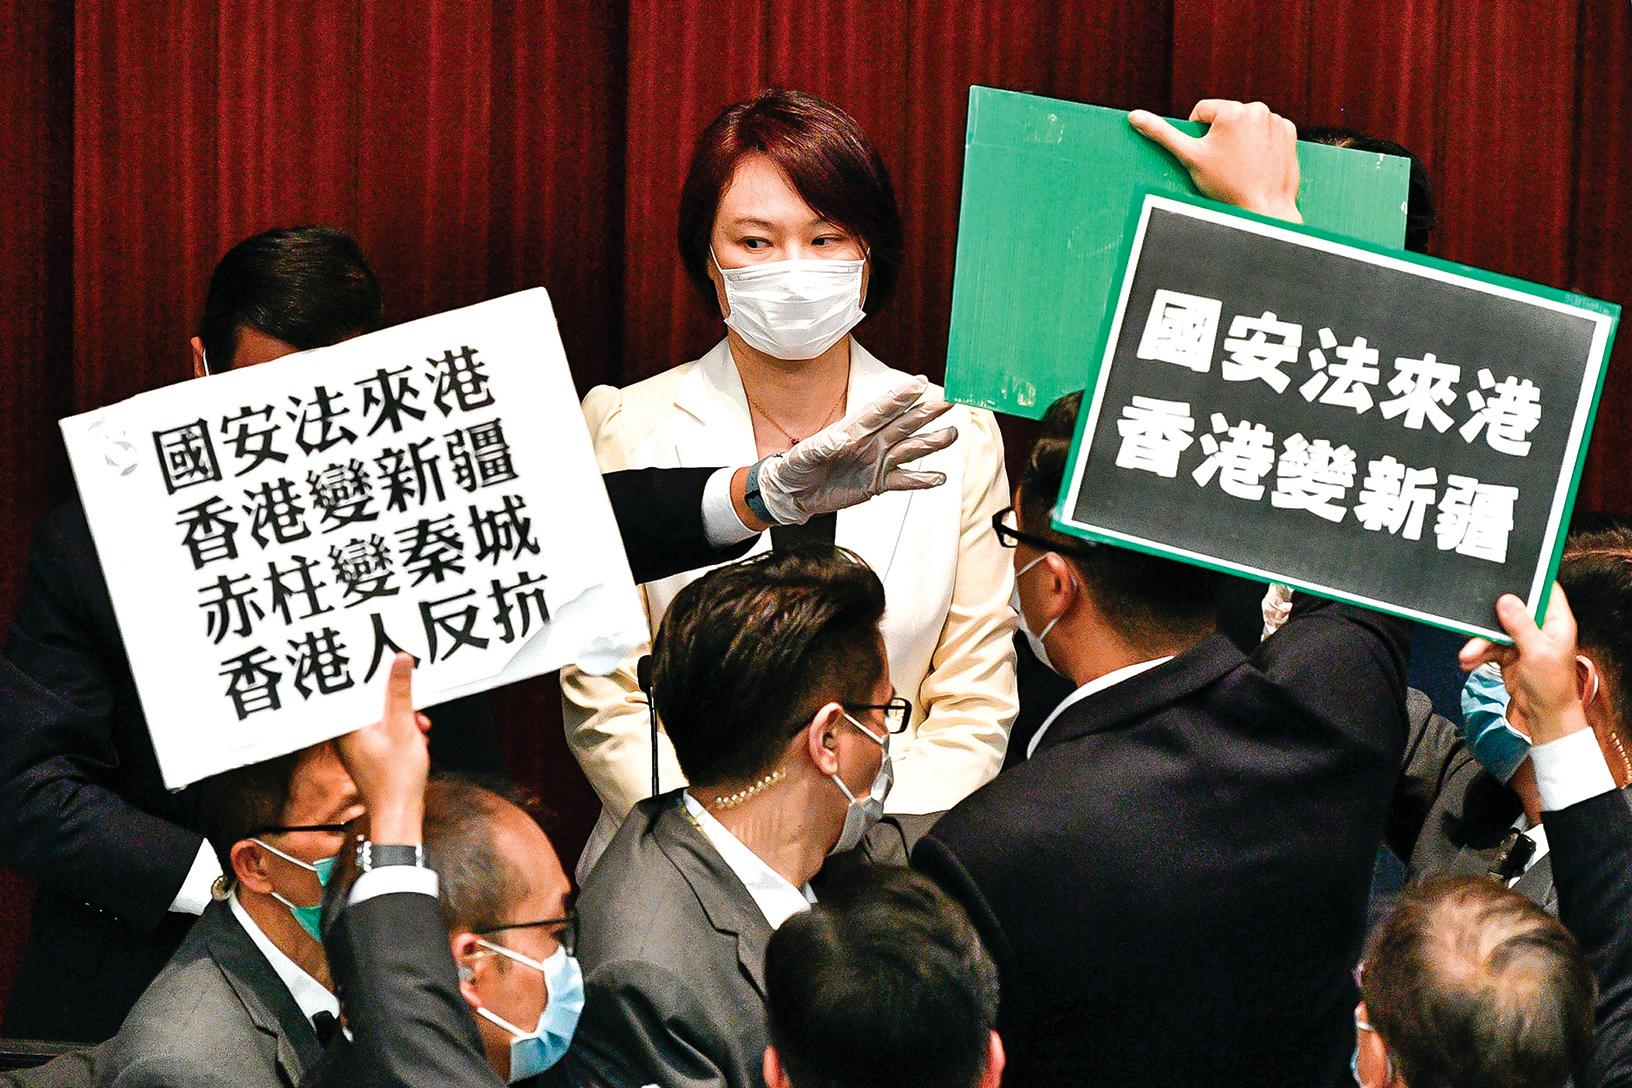 5月22日在香港立法會場,民主派議員舉牌抗議港版國安法的提案。(Getty Images)